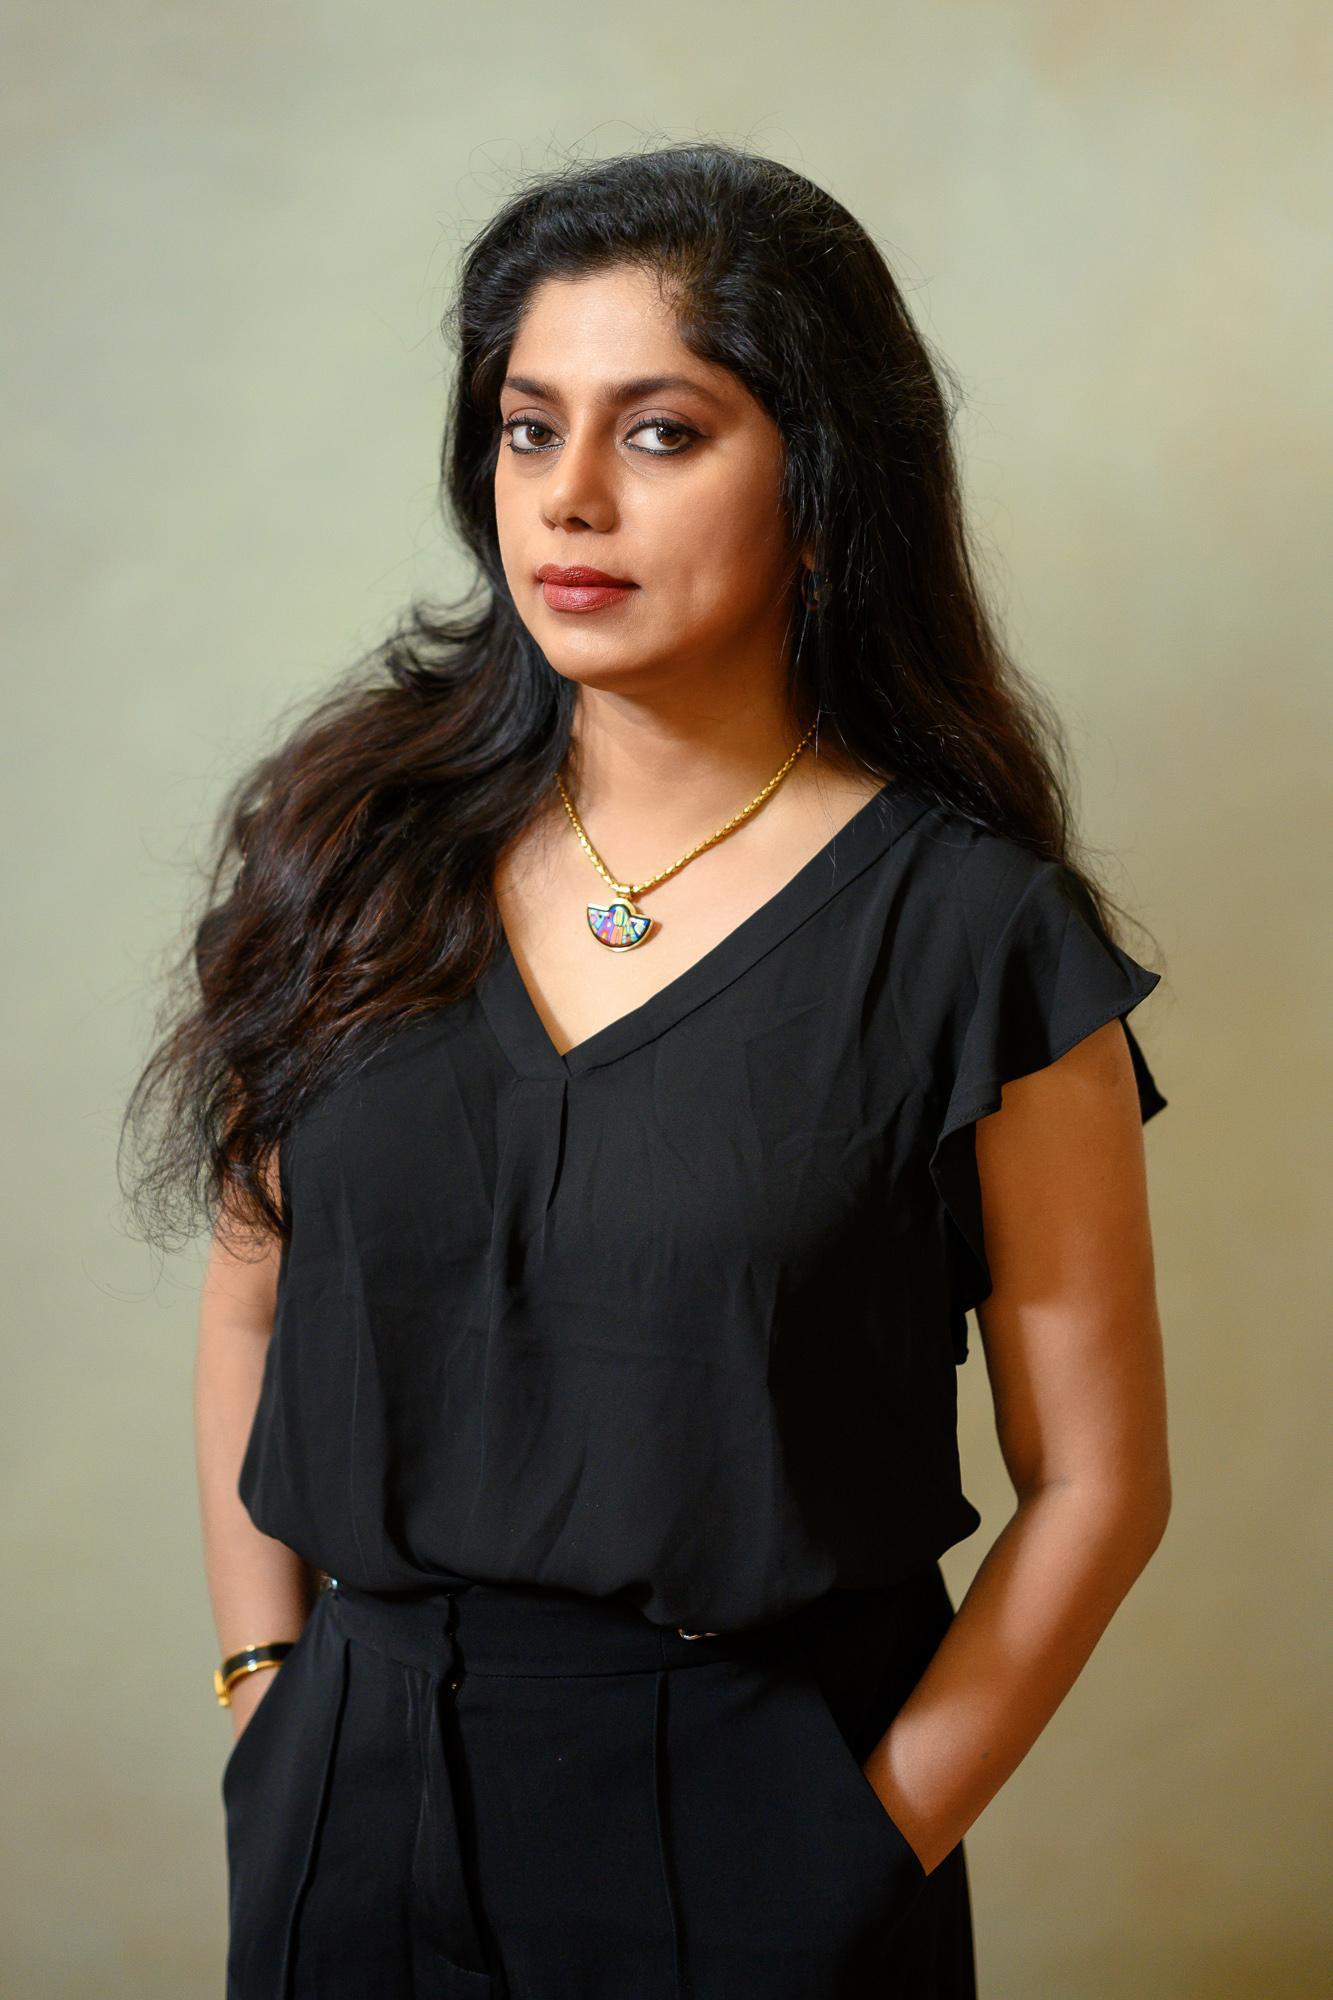 Neeta-Shankar-Photography-CEO-Portraits-Headshots-Founder-Photoshoot-Bangalore